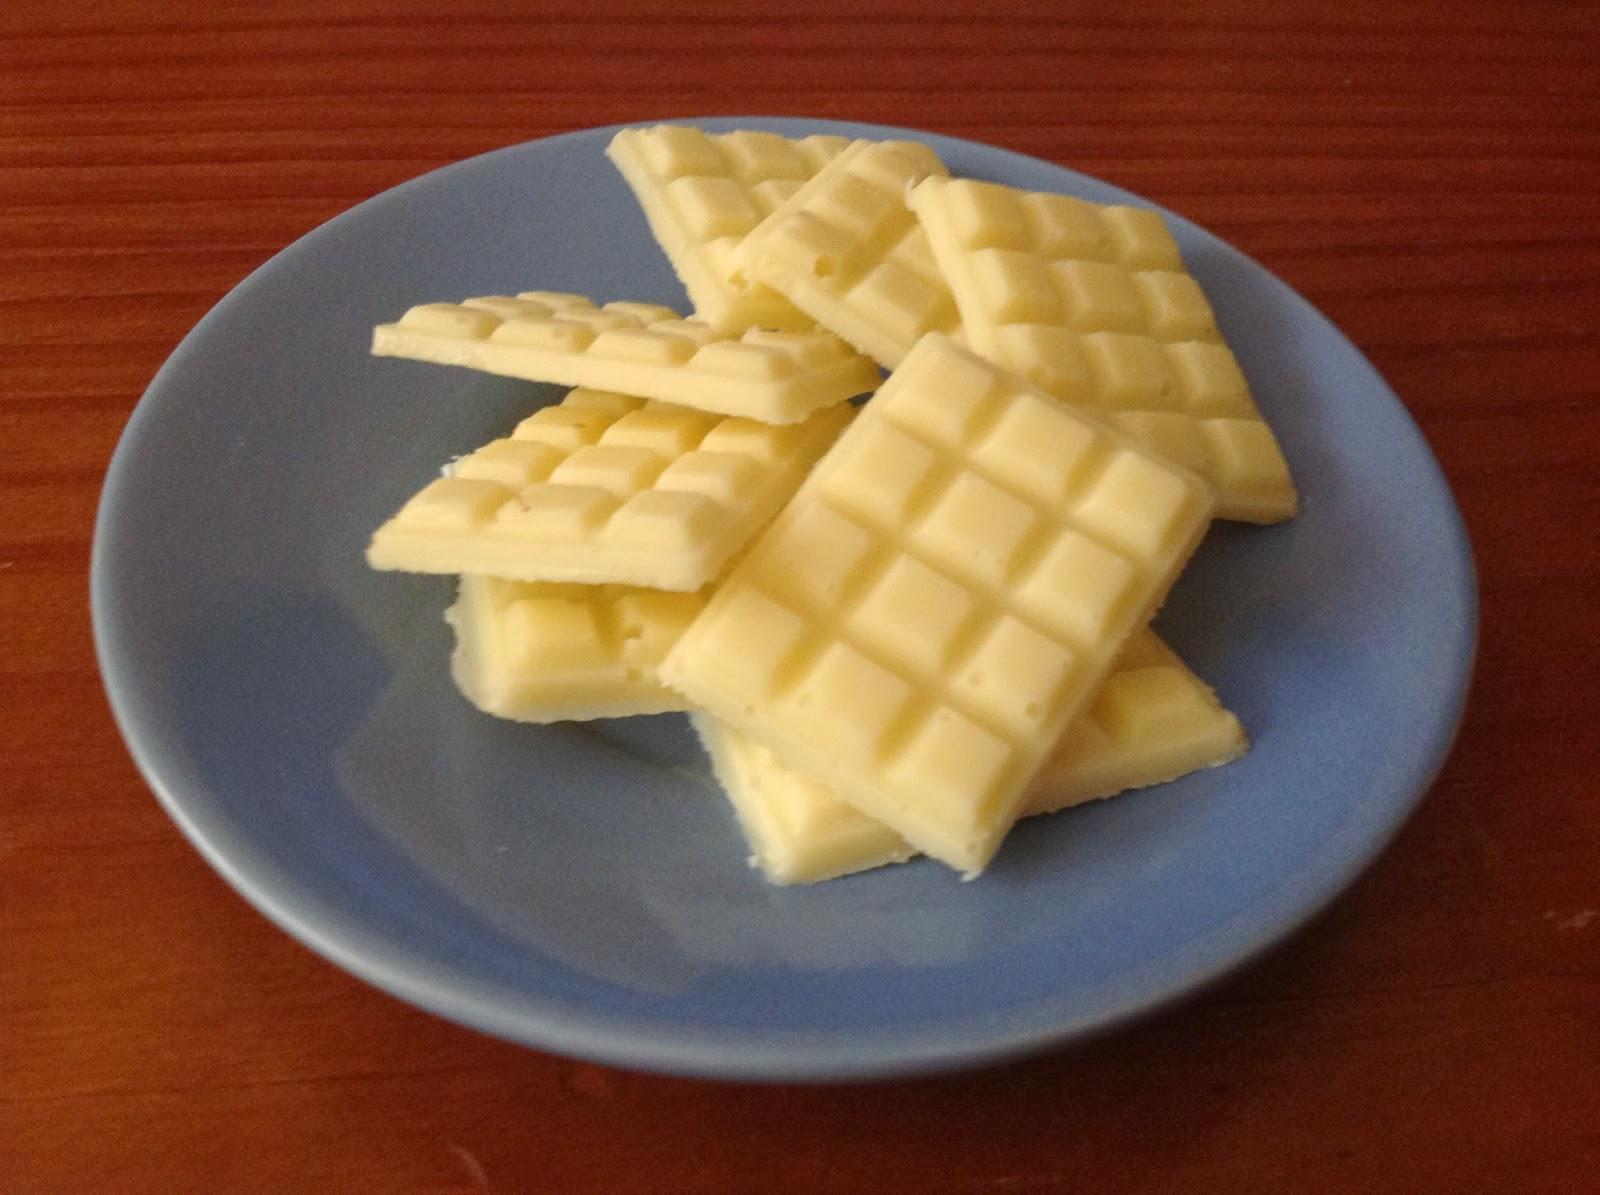 http://eltallerdelareposteria.blogspot.com.es/p/chocolate.html